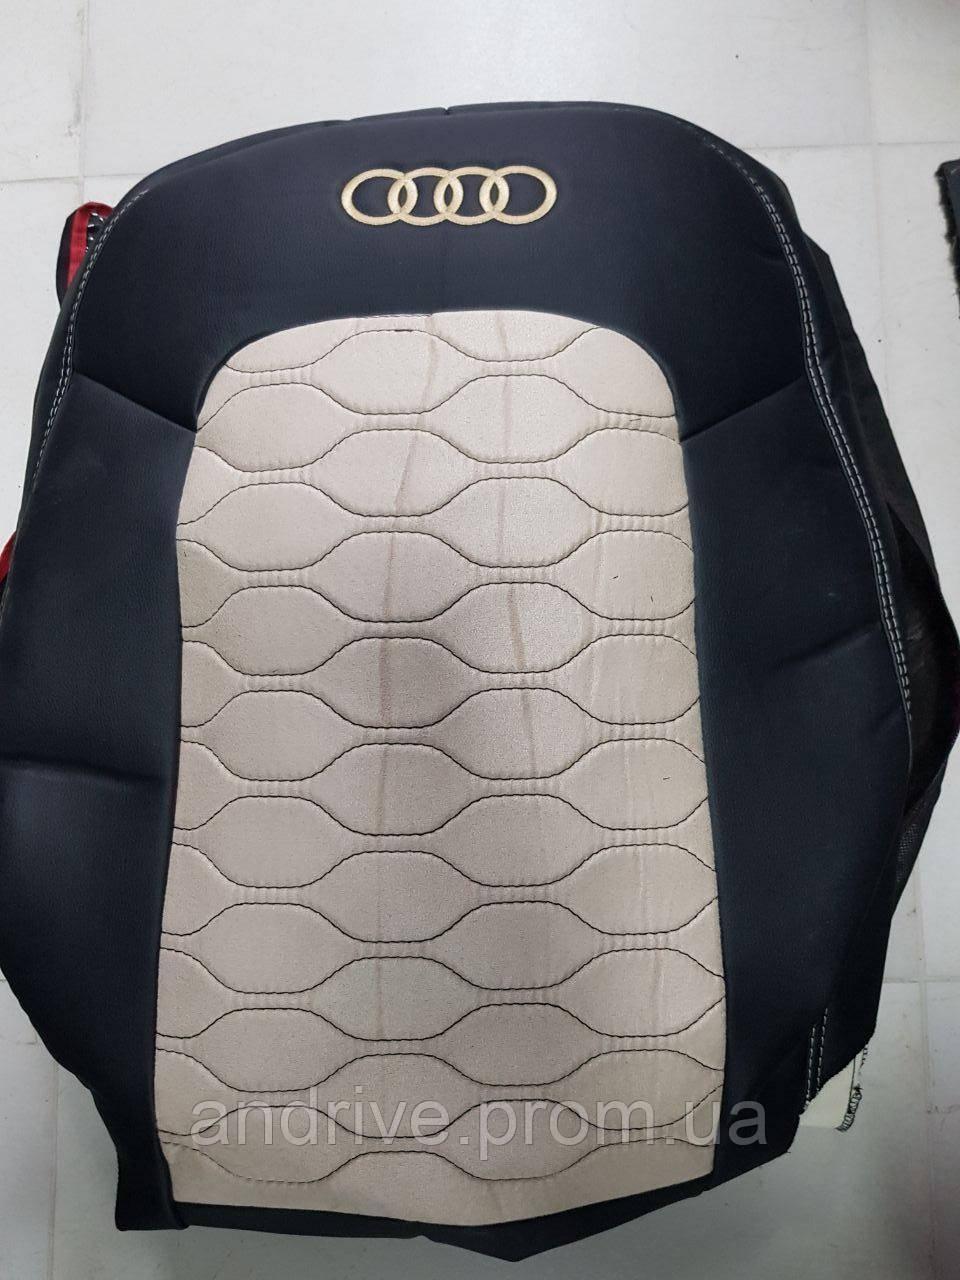 Авточехлы Audi Q3 2016+ (Экокожа + Замша) Чехлы в салон черно-бежевые